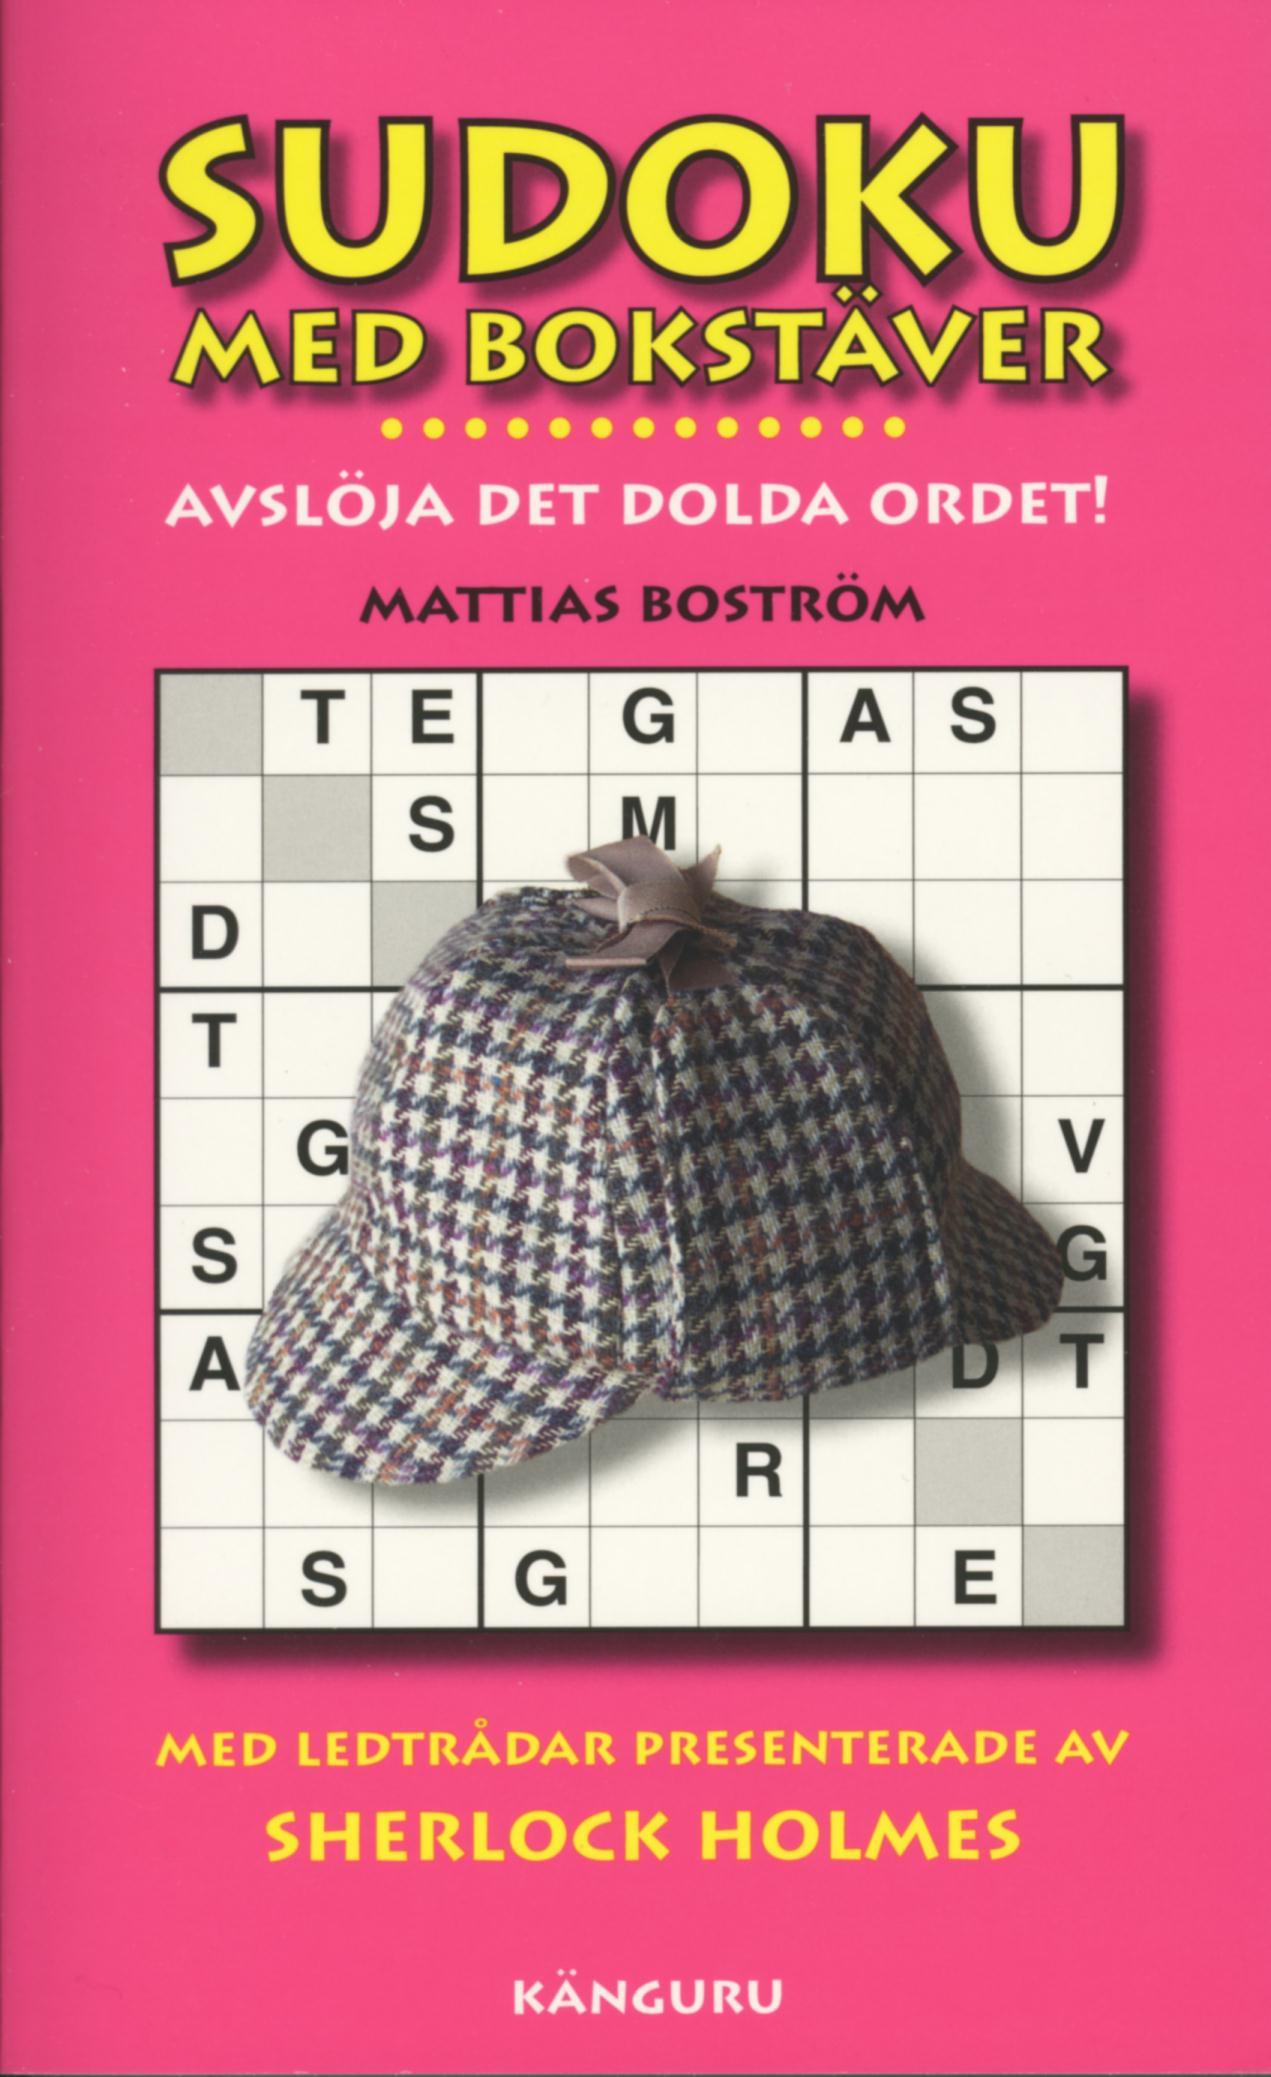 Sudoku med bokstäver